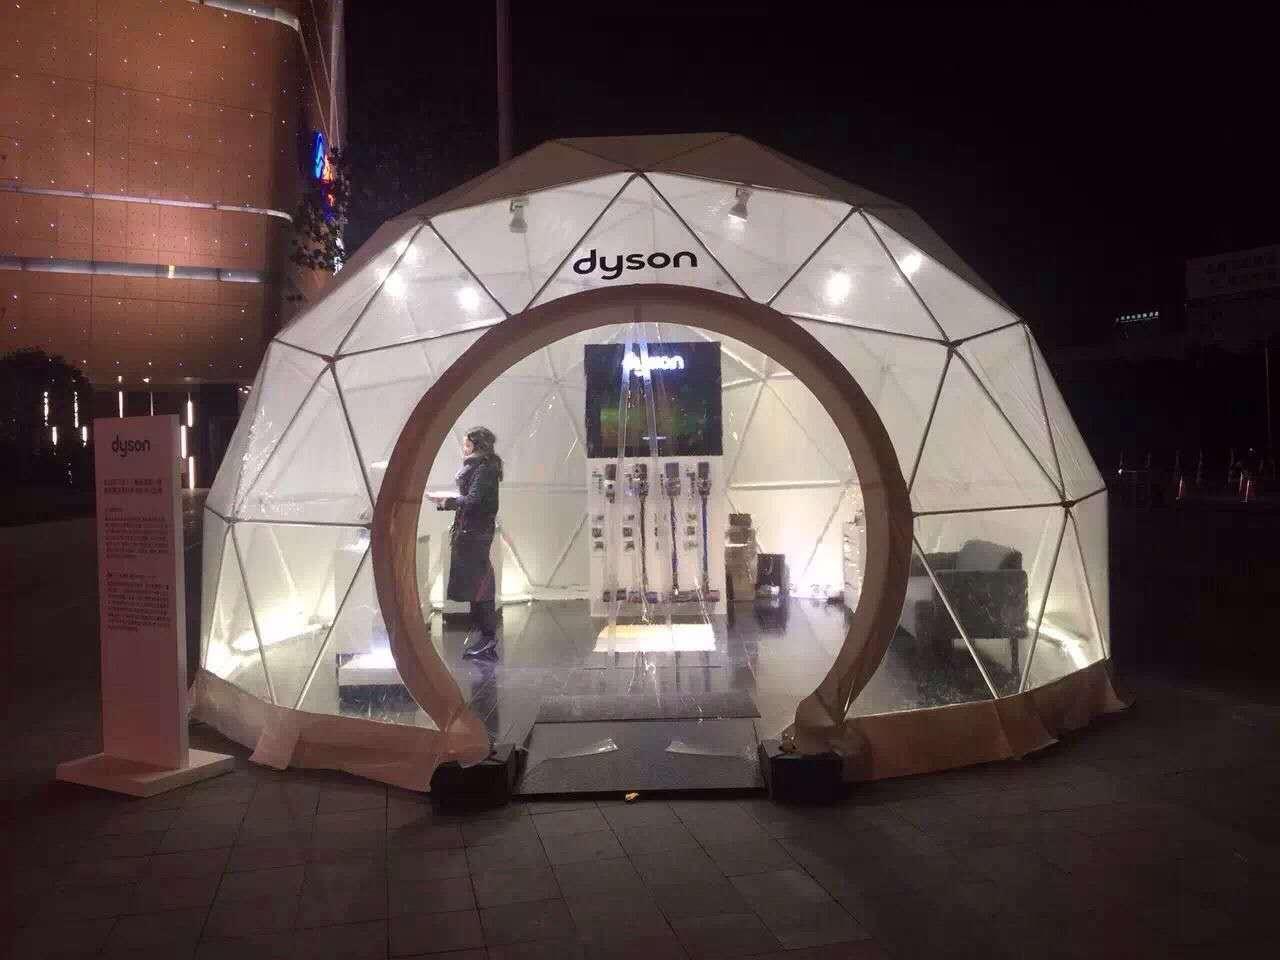 专业制造球形阳光篷房,艺术帐篷 3